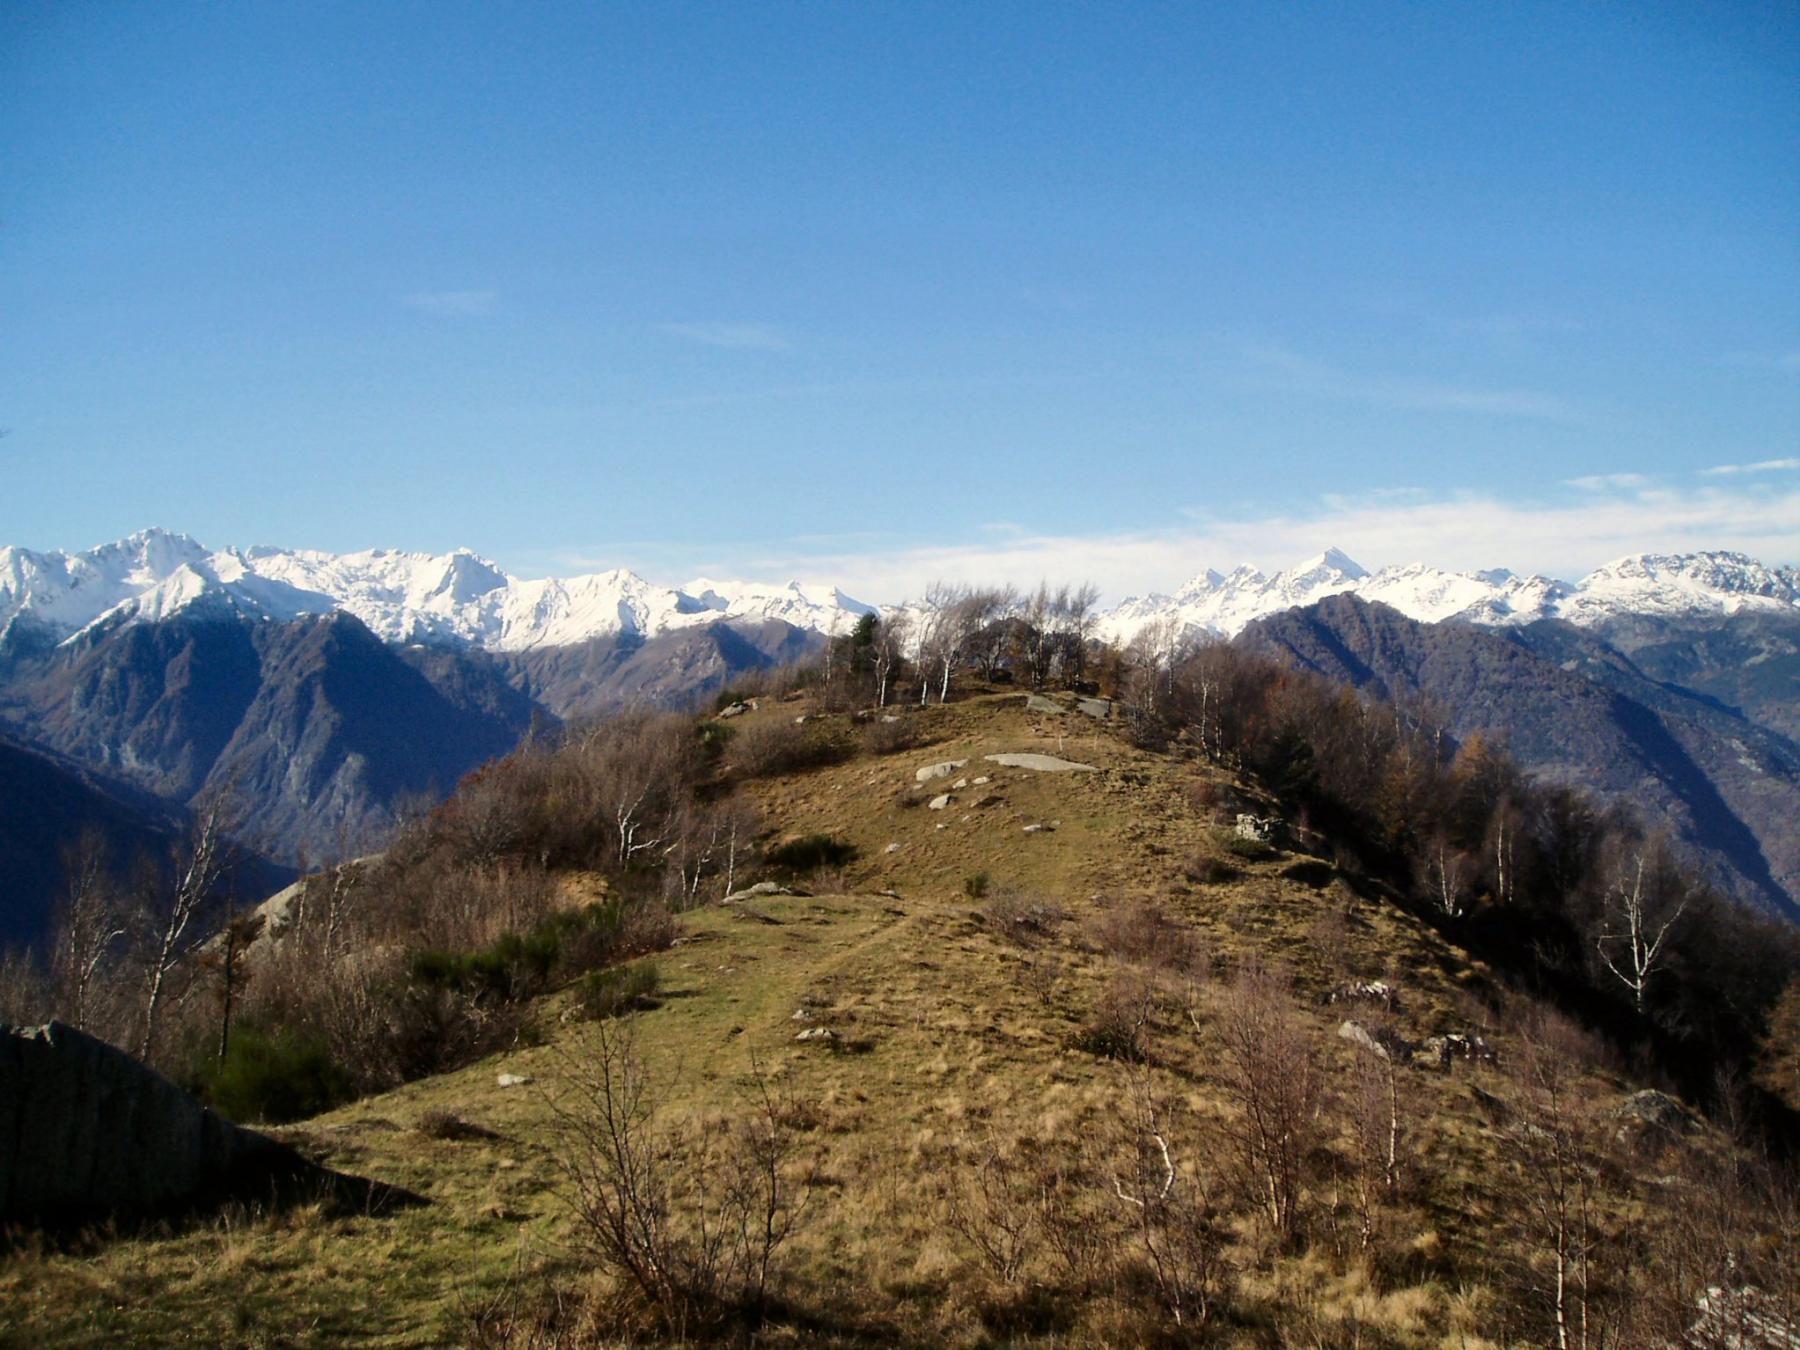 verso la punta con lo sfondo delle vette della Valchiusella.